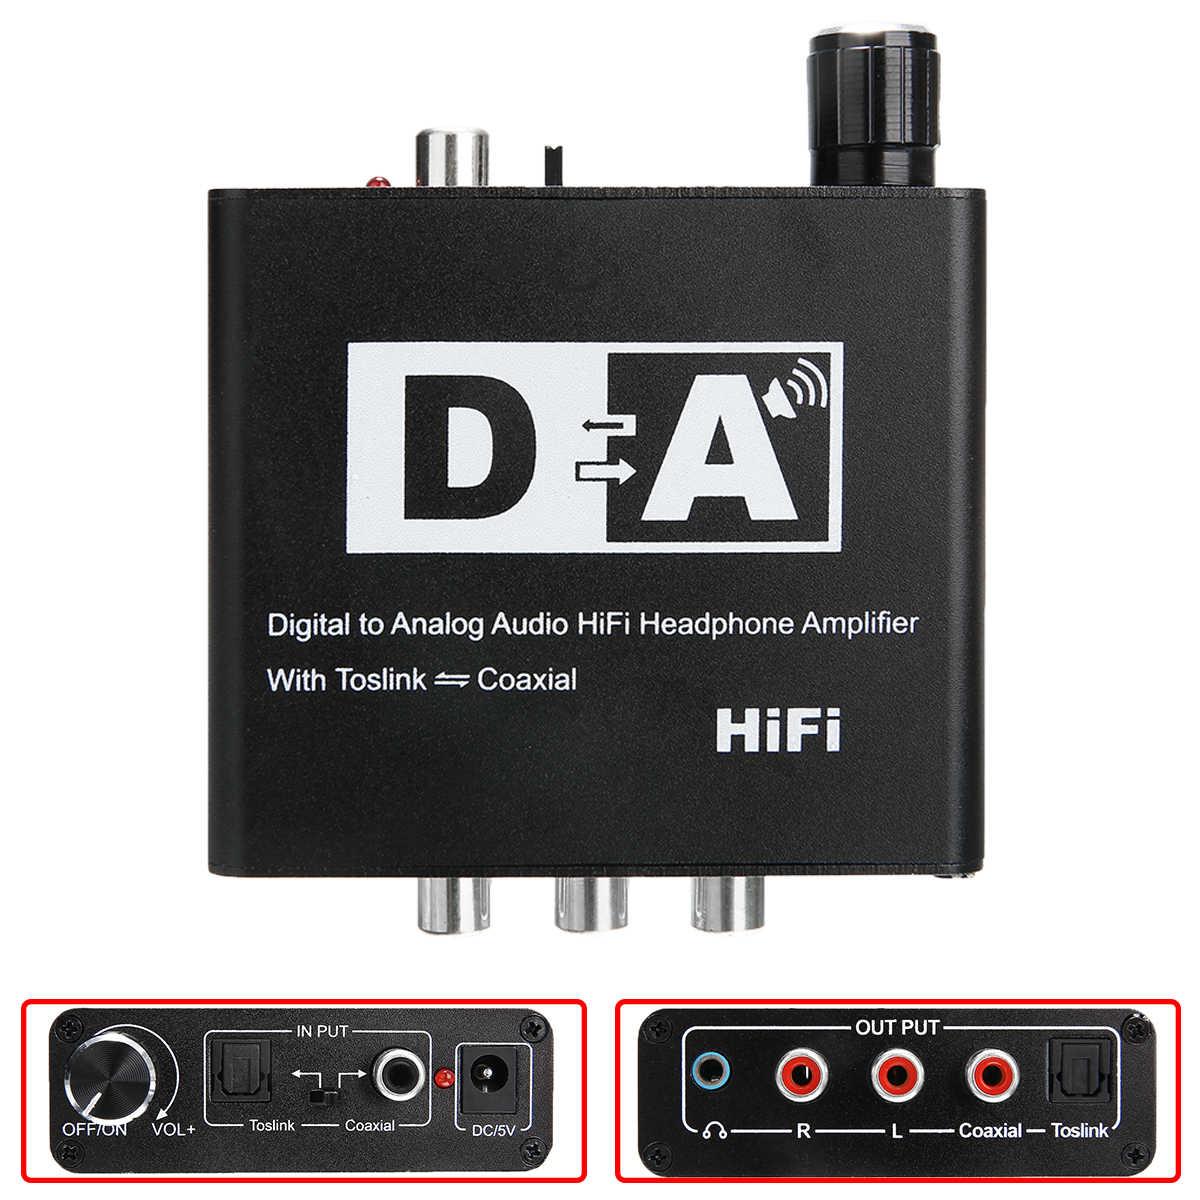 最新のデジタルアナログ信号コンバータ黒同軸デジタルアナログ信号変換器 Supprot Toslink 入力同軸出力